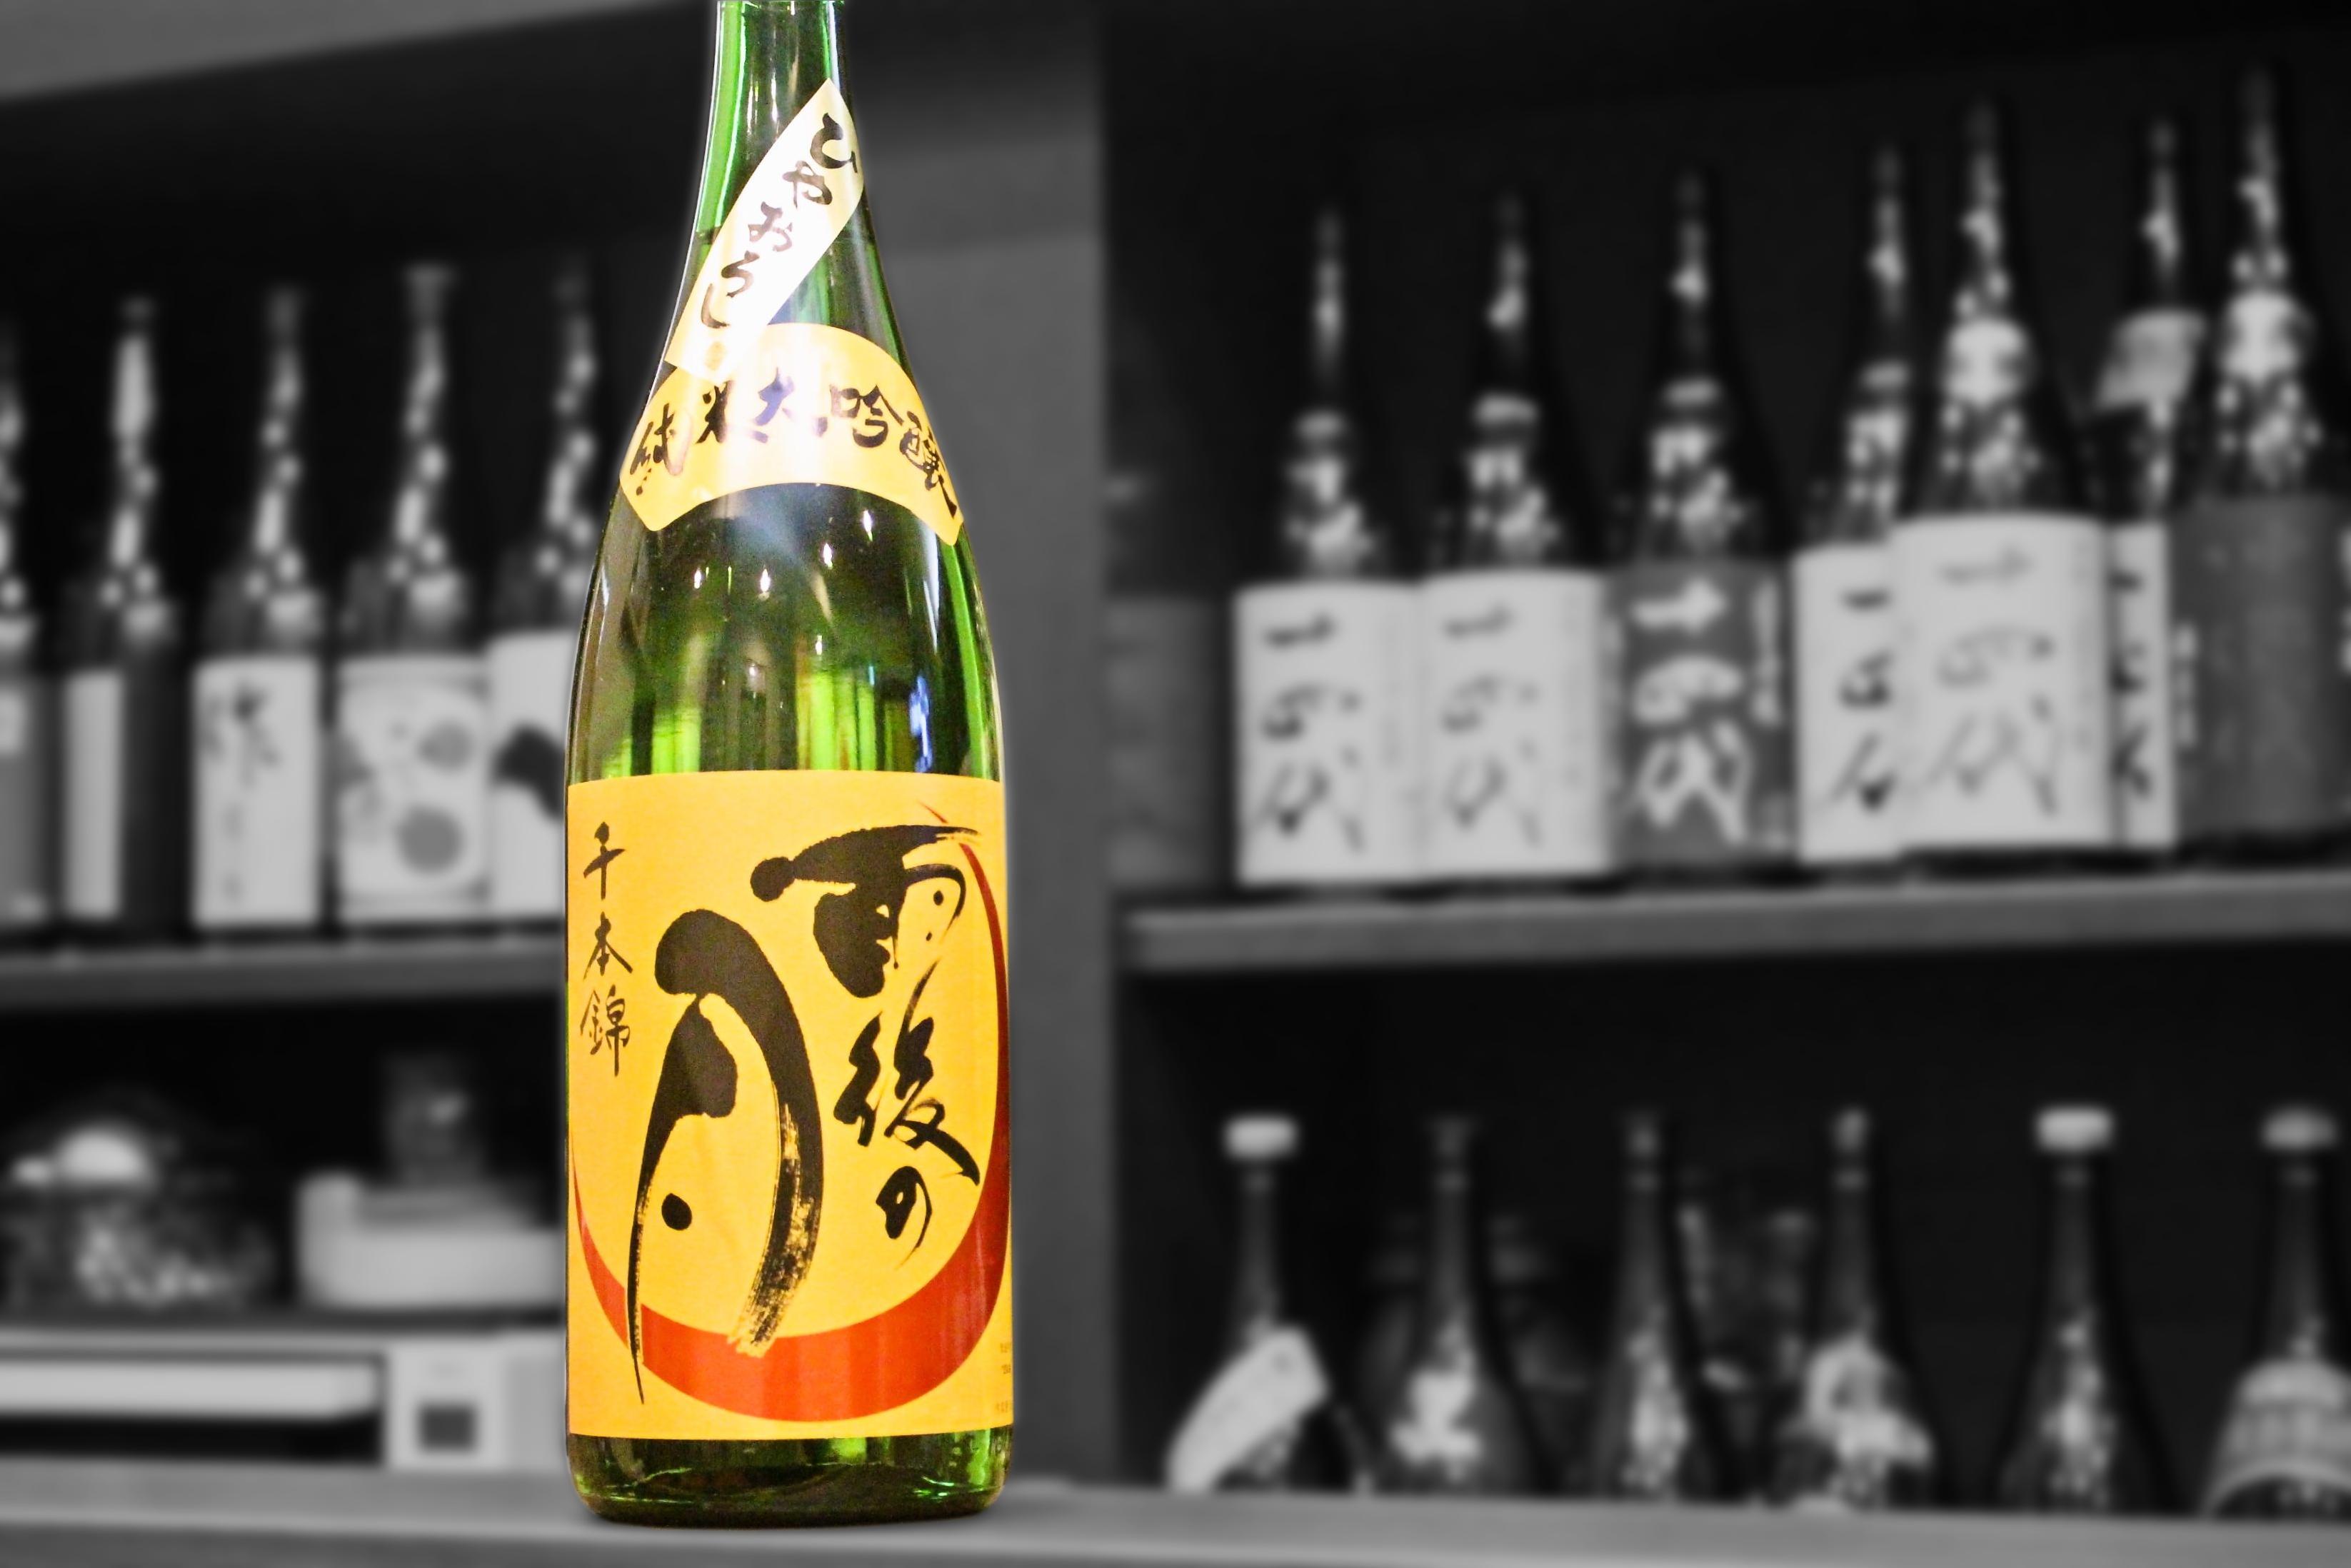 雨後の月純米大吟醸ひやおろし202010-001